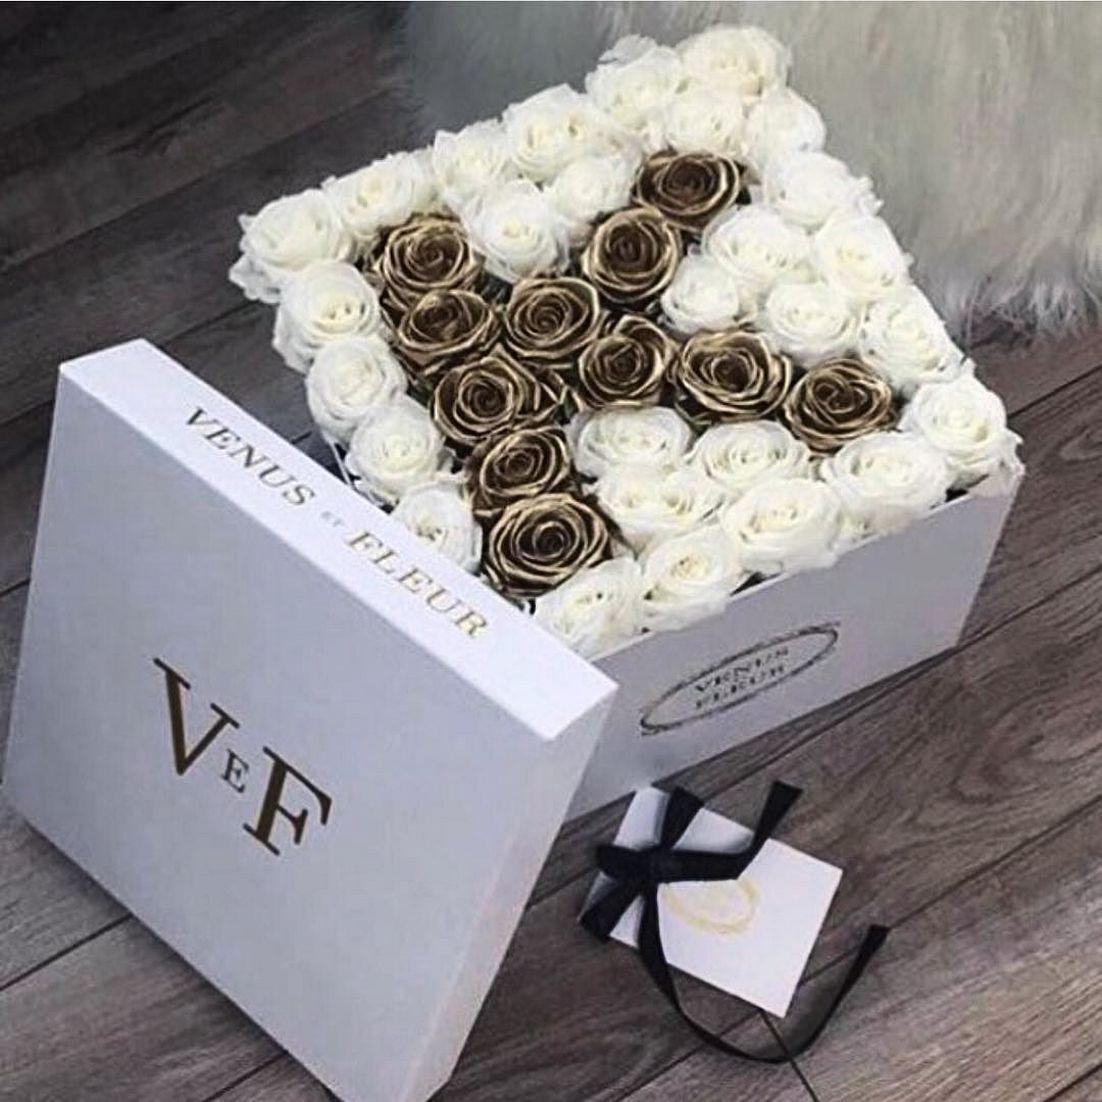 The Ultimate Venus Et Fleur Guide Luxury flowers, Flower